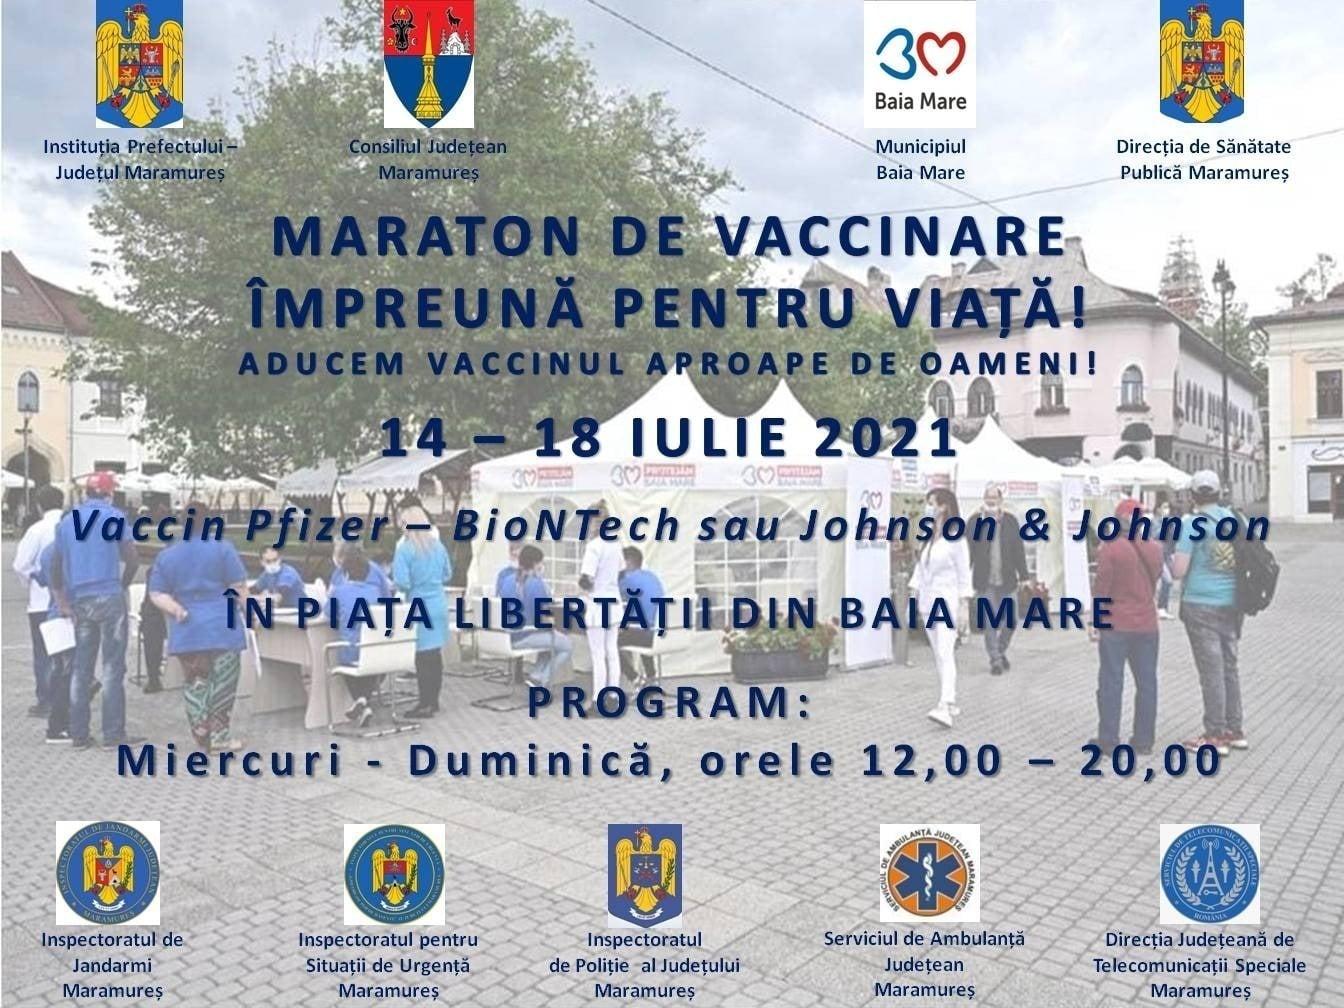 Maraton de vaccinare în Baia Mare